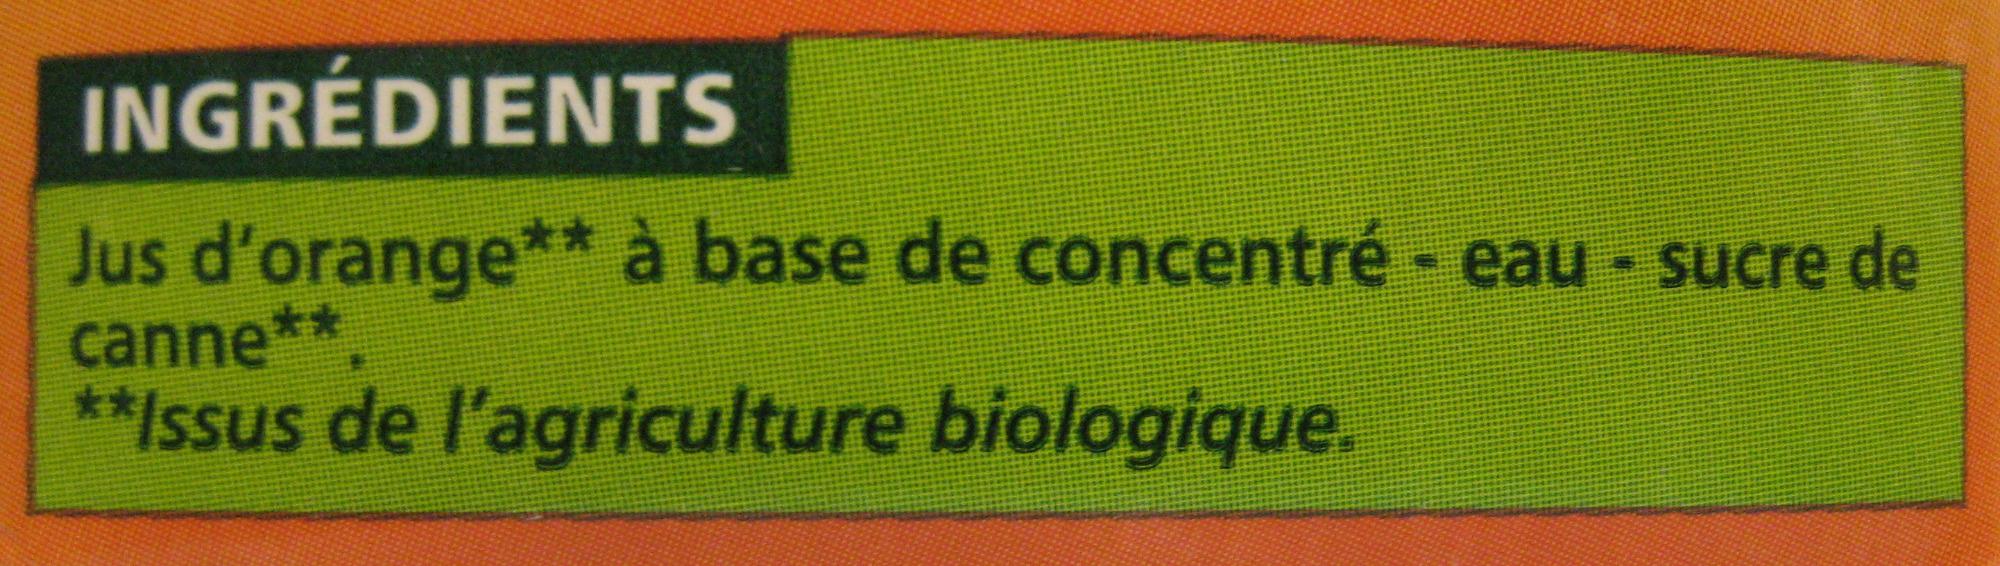 Nectar Orange À Base de Concentré - Ingrediënten